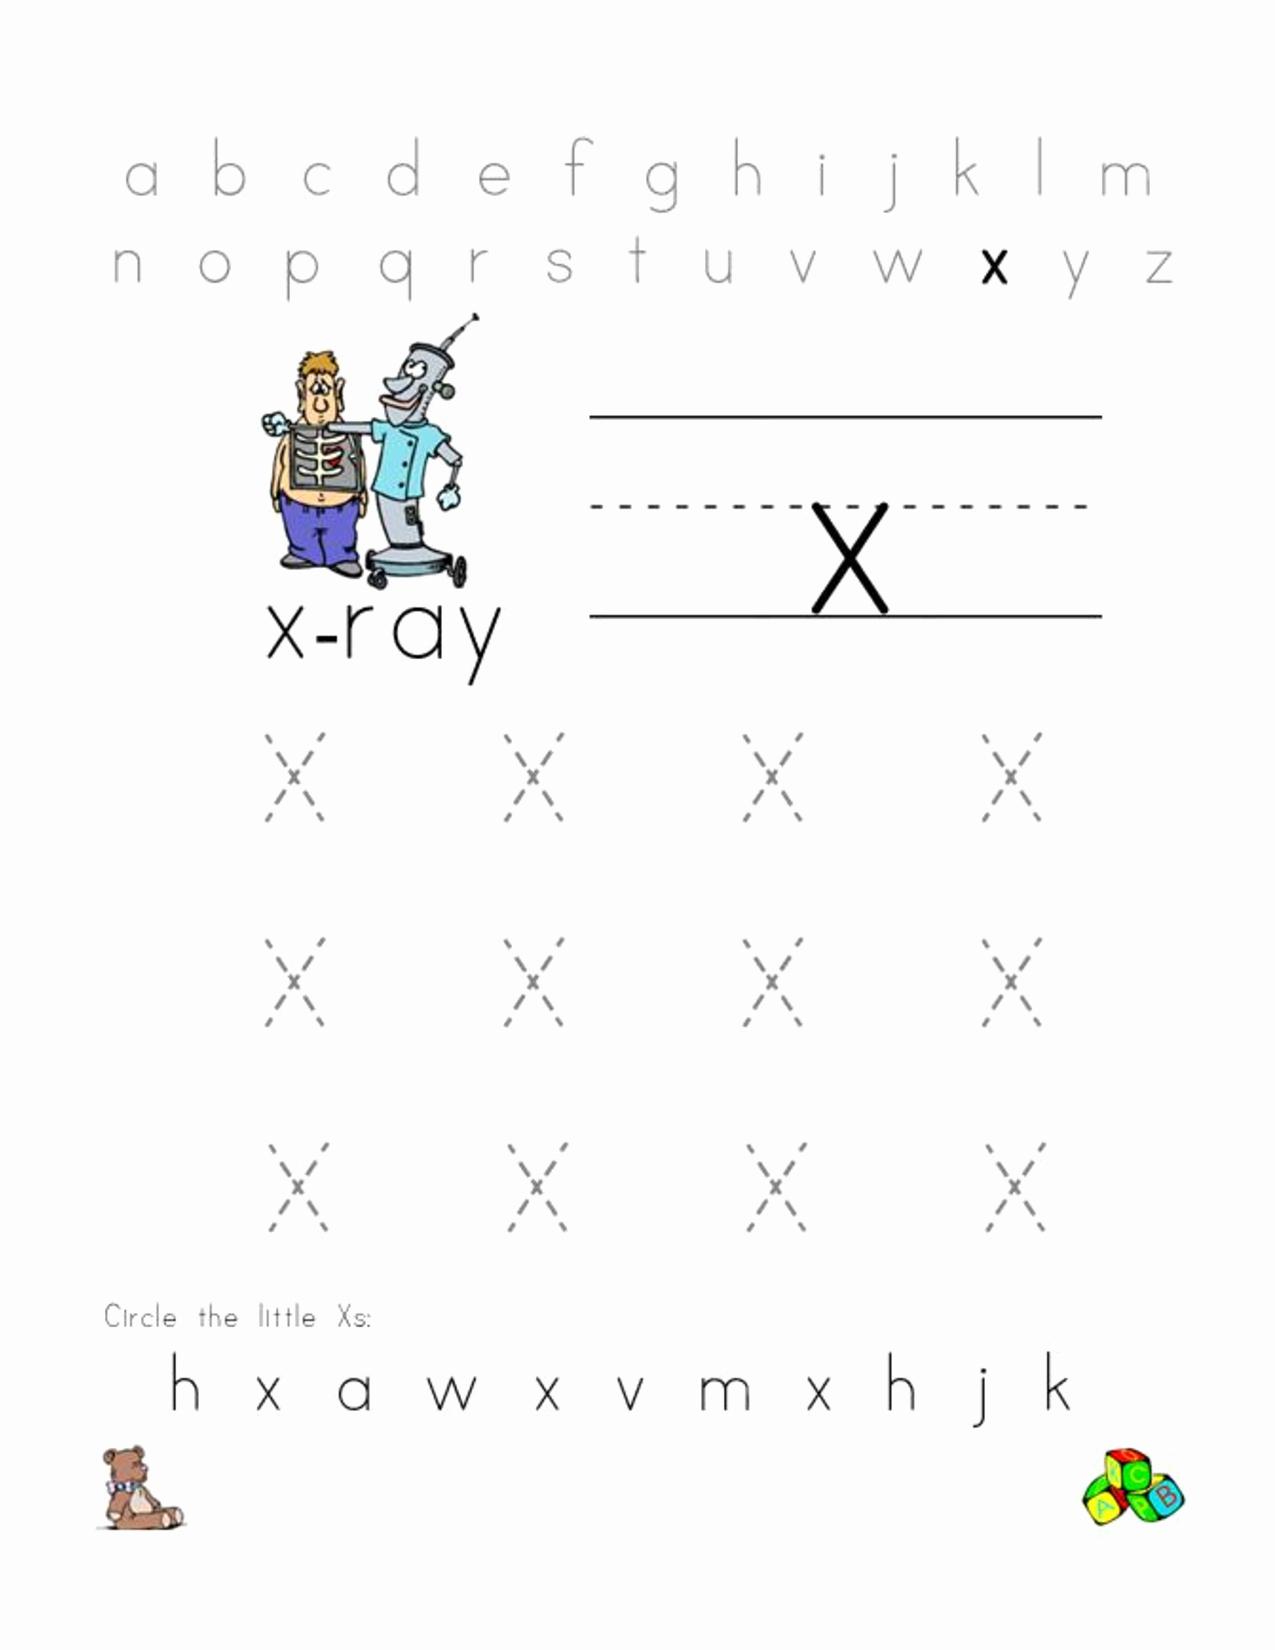 Letter X Worksheets for Kindergarten Awesome Free Letter X Worksheets for Preschool Preschool Crafts